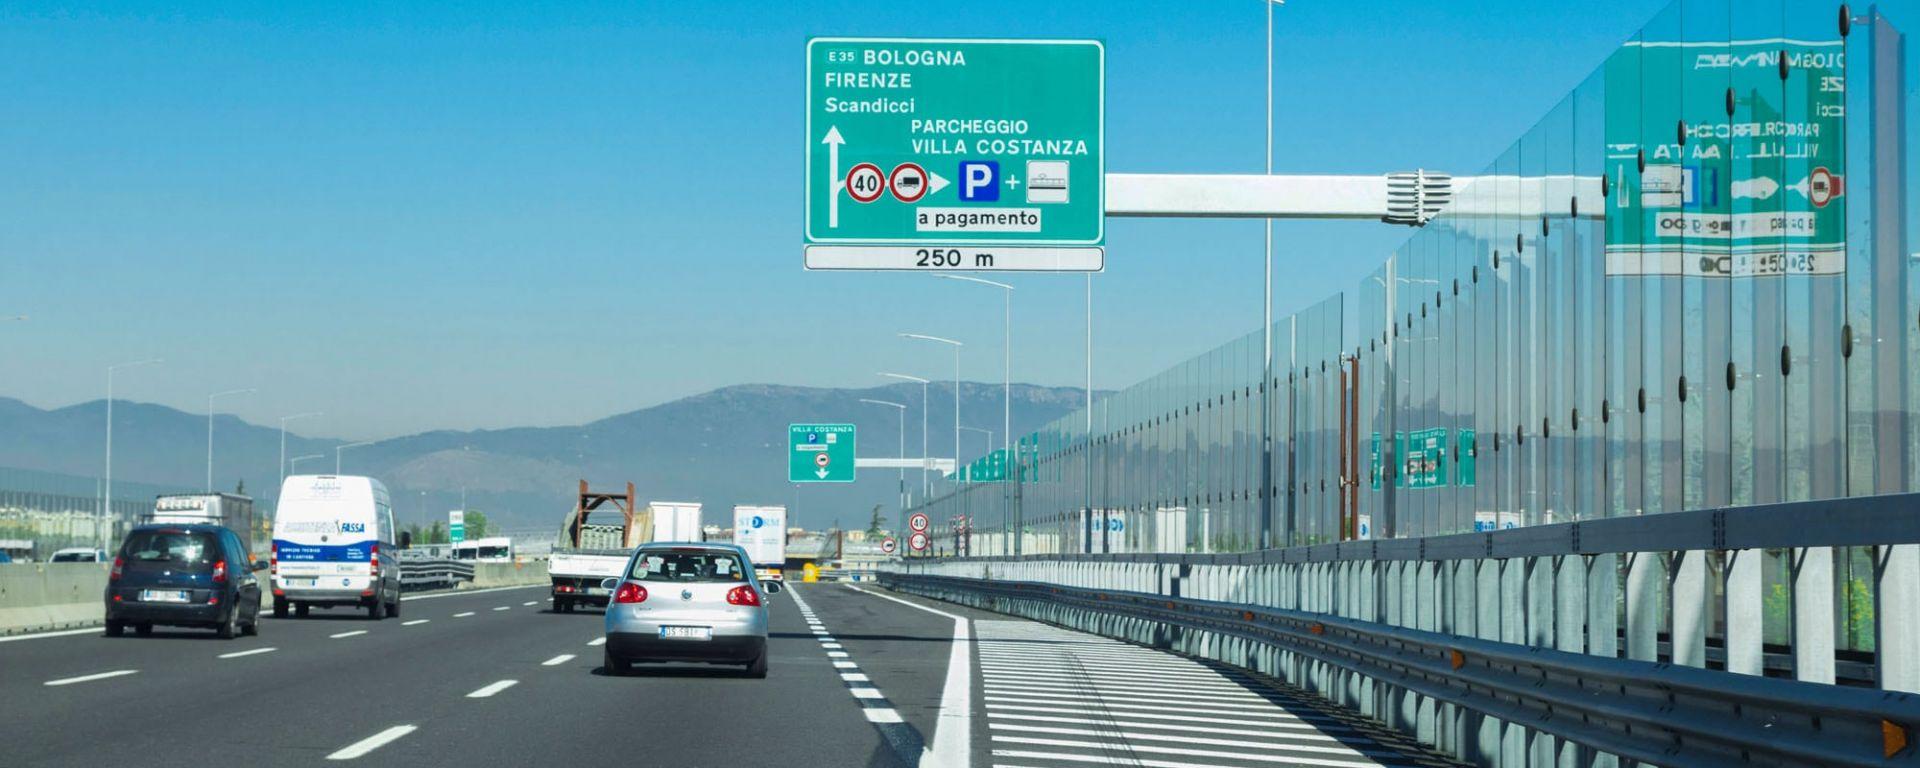 Autostrade: niente pedaggio per medici e operatori sanitari